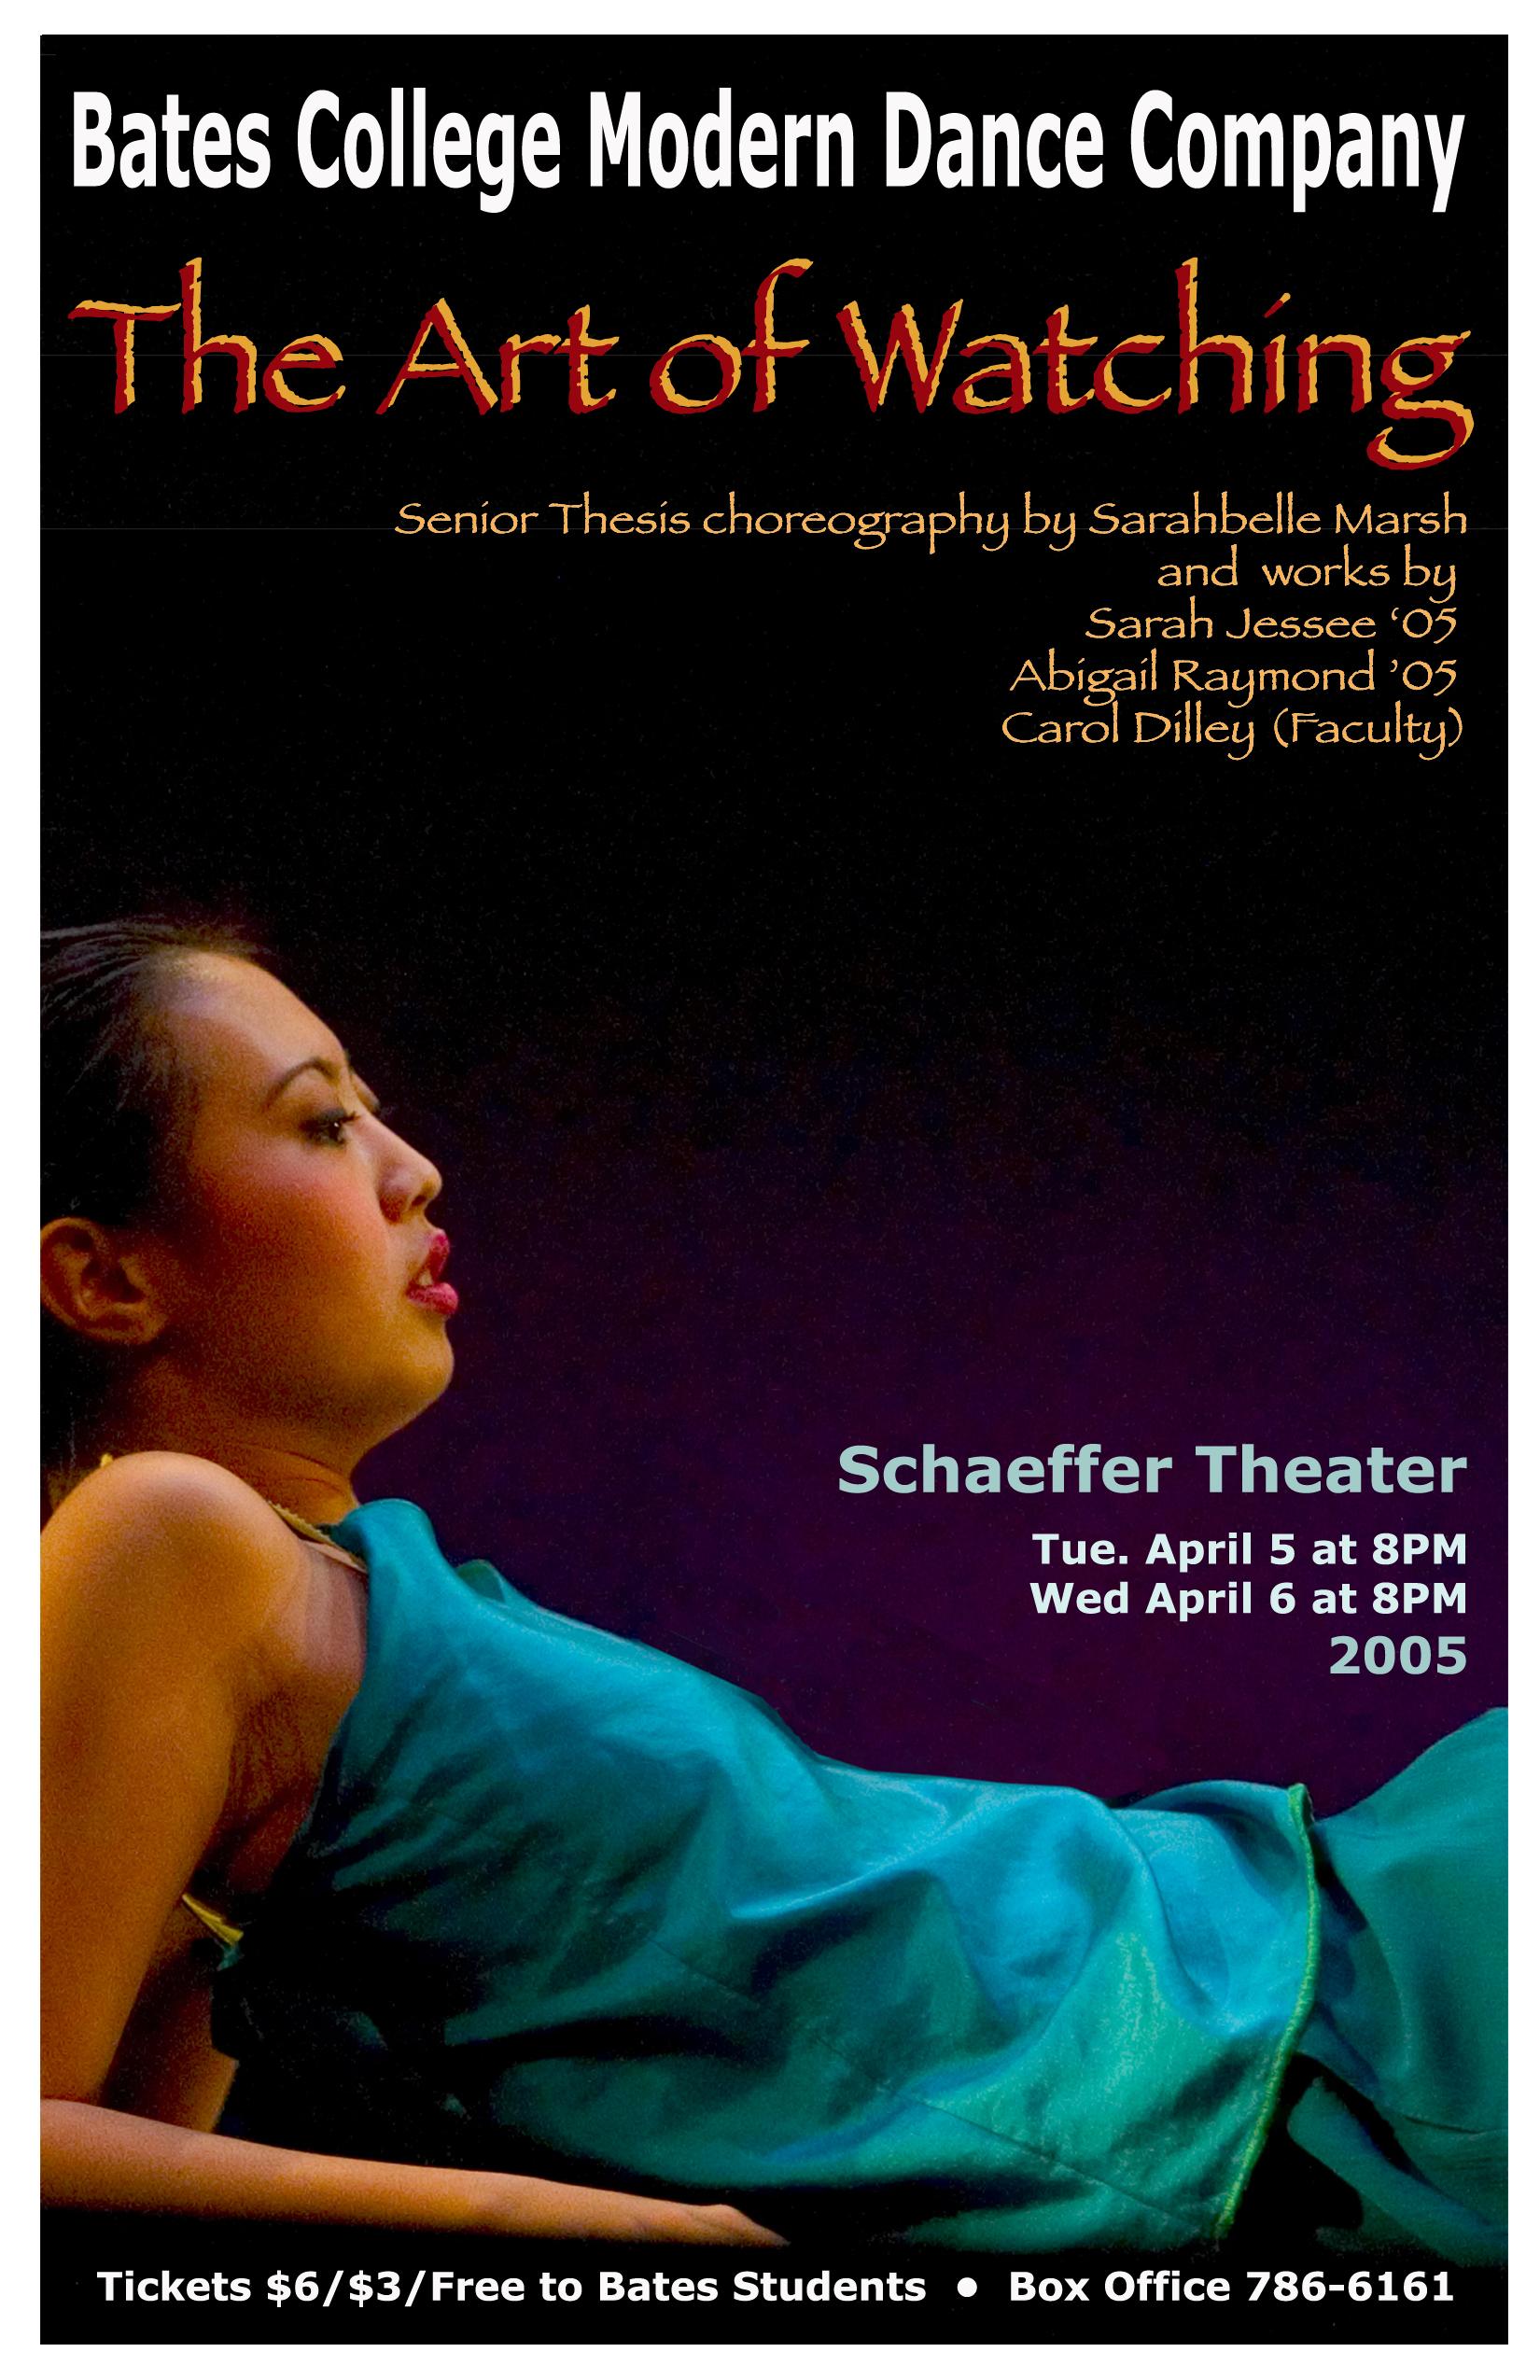 Spring Dance Concert '05 Poster